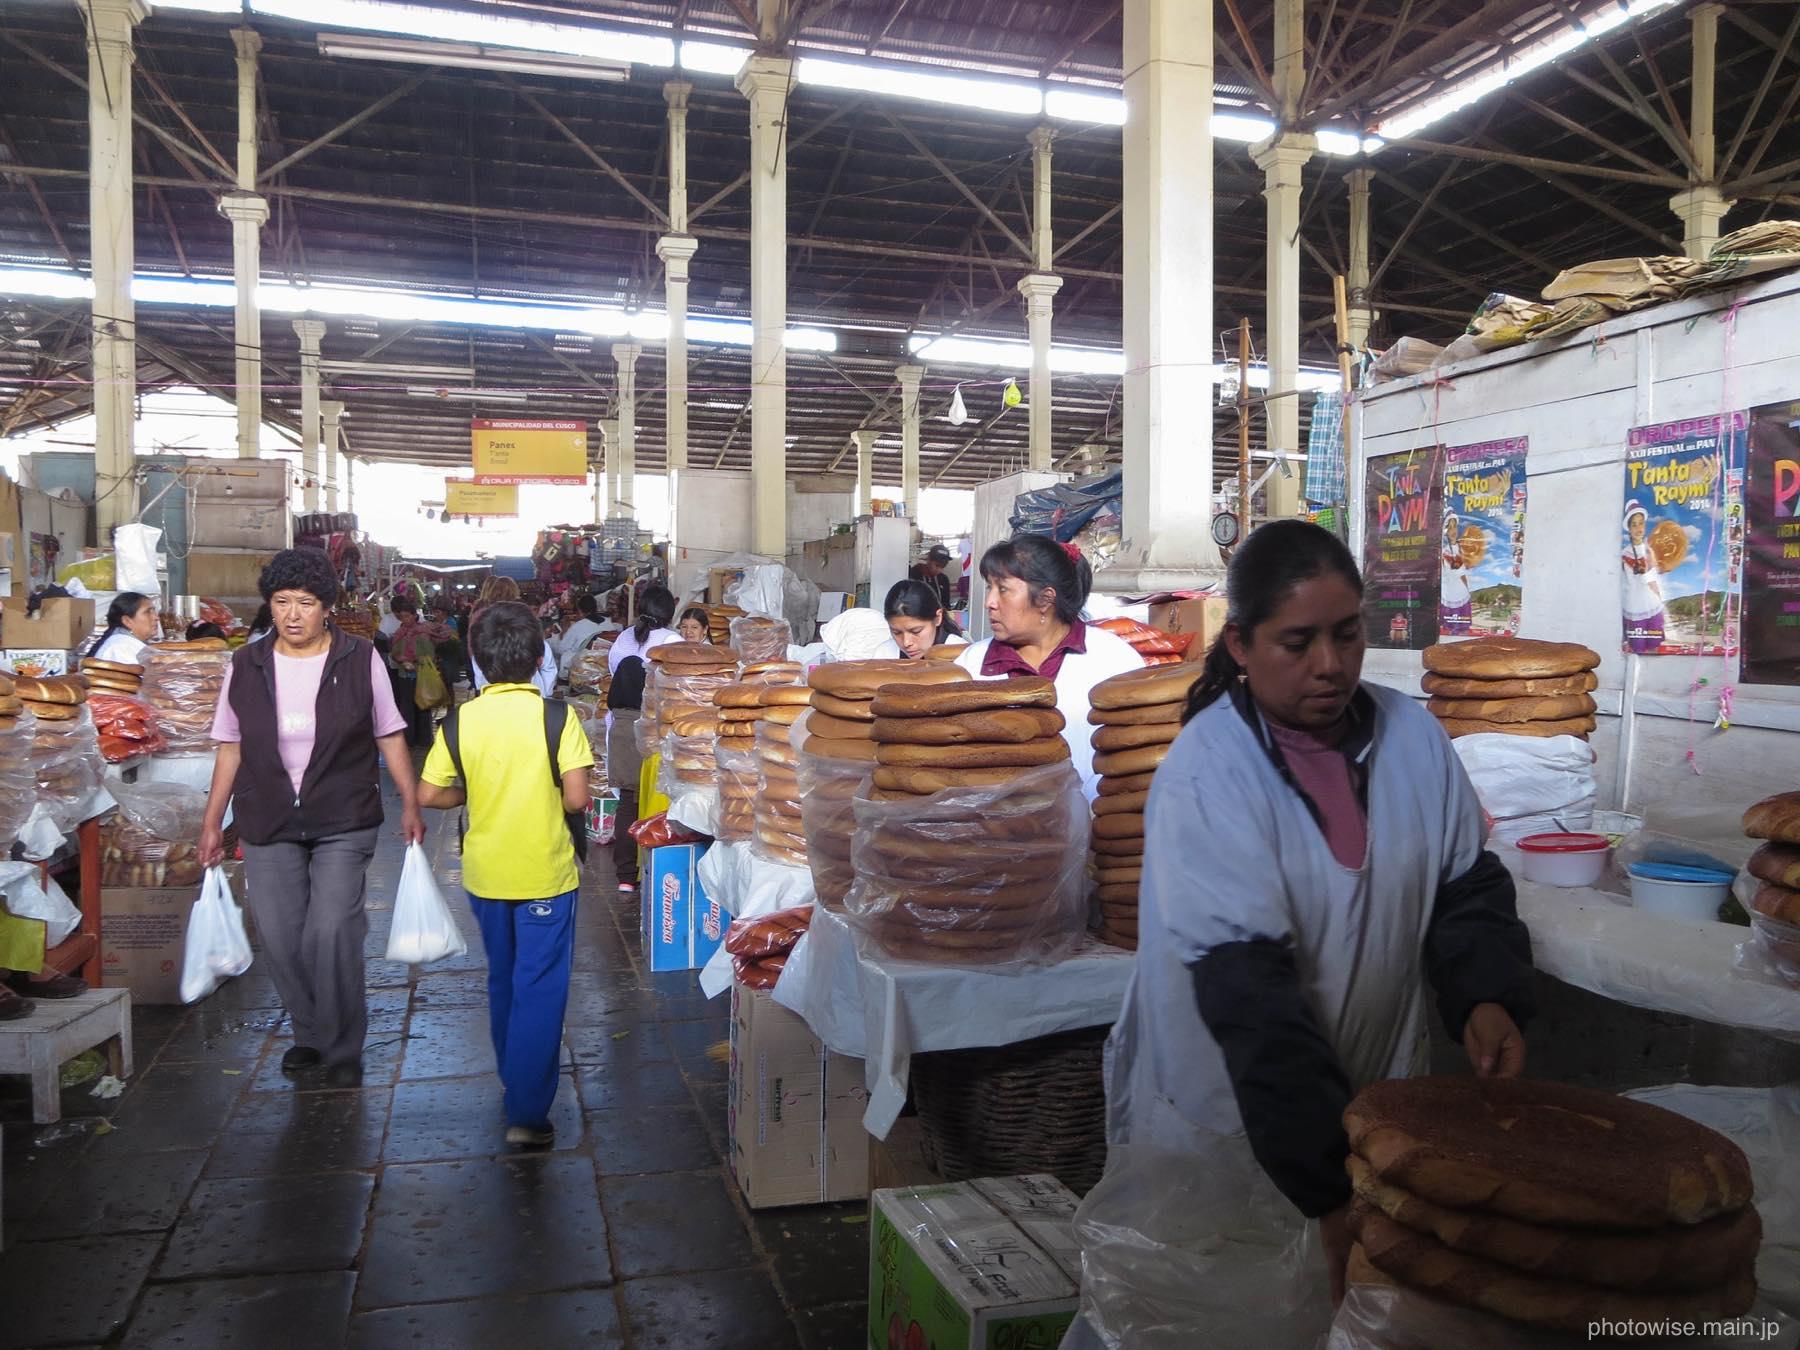 メルカドのパン売り場